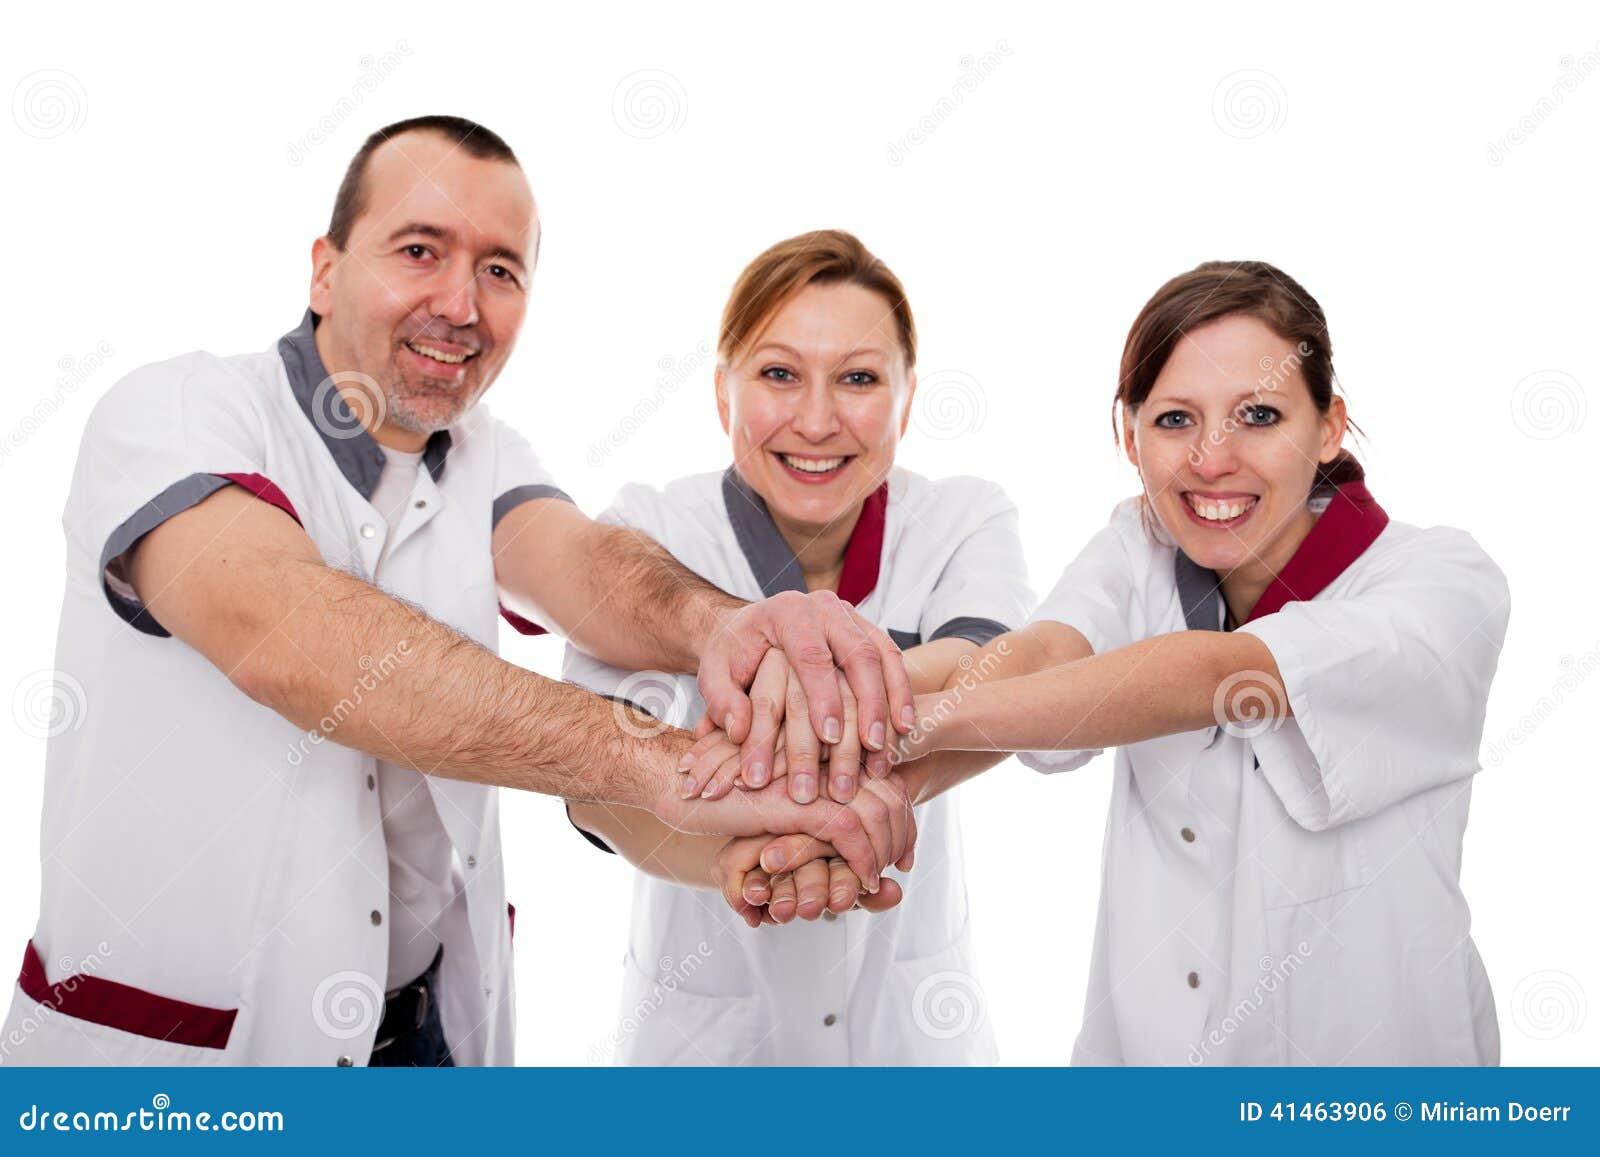 Enfermeras dando trabajo de mano